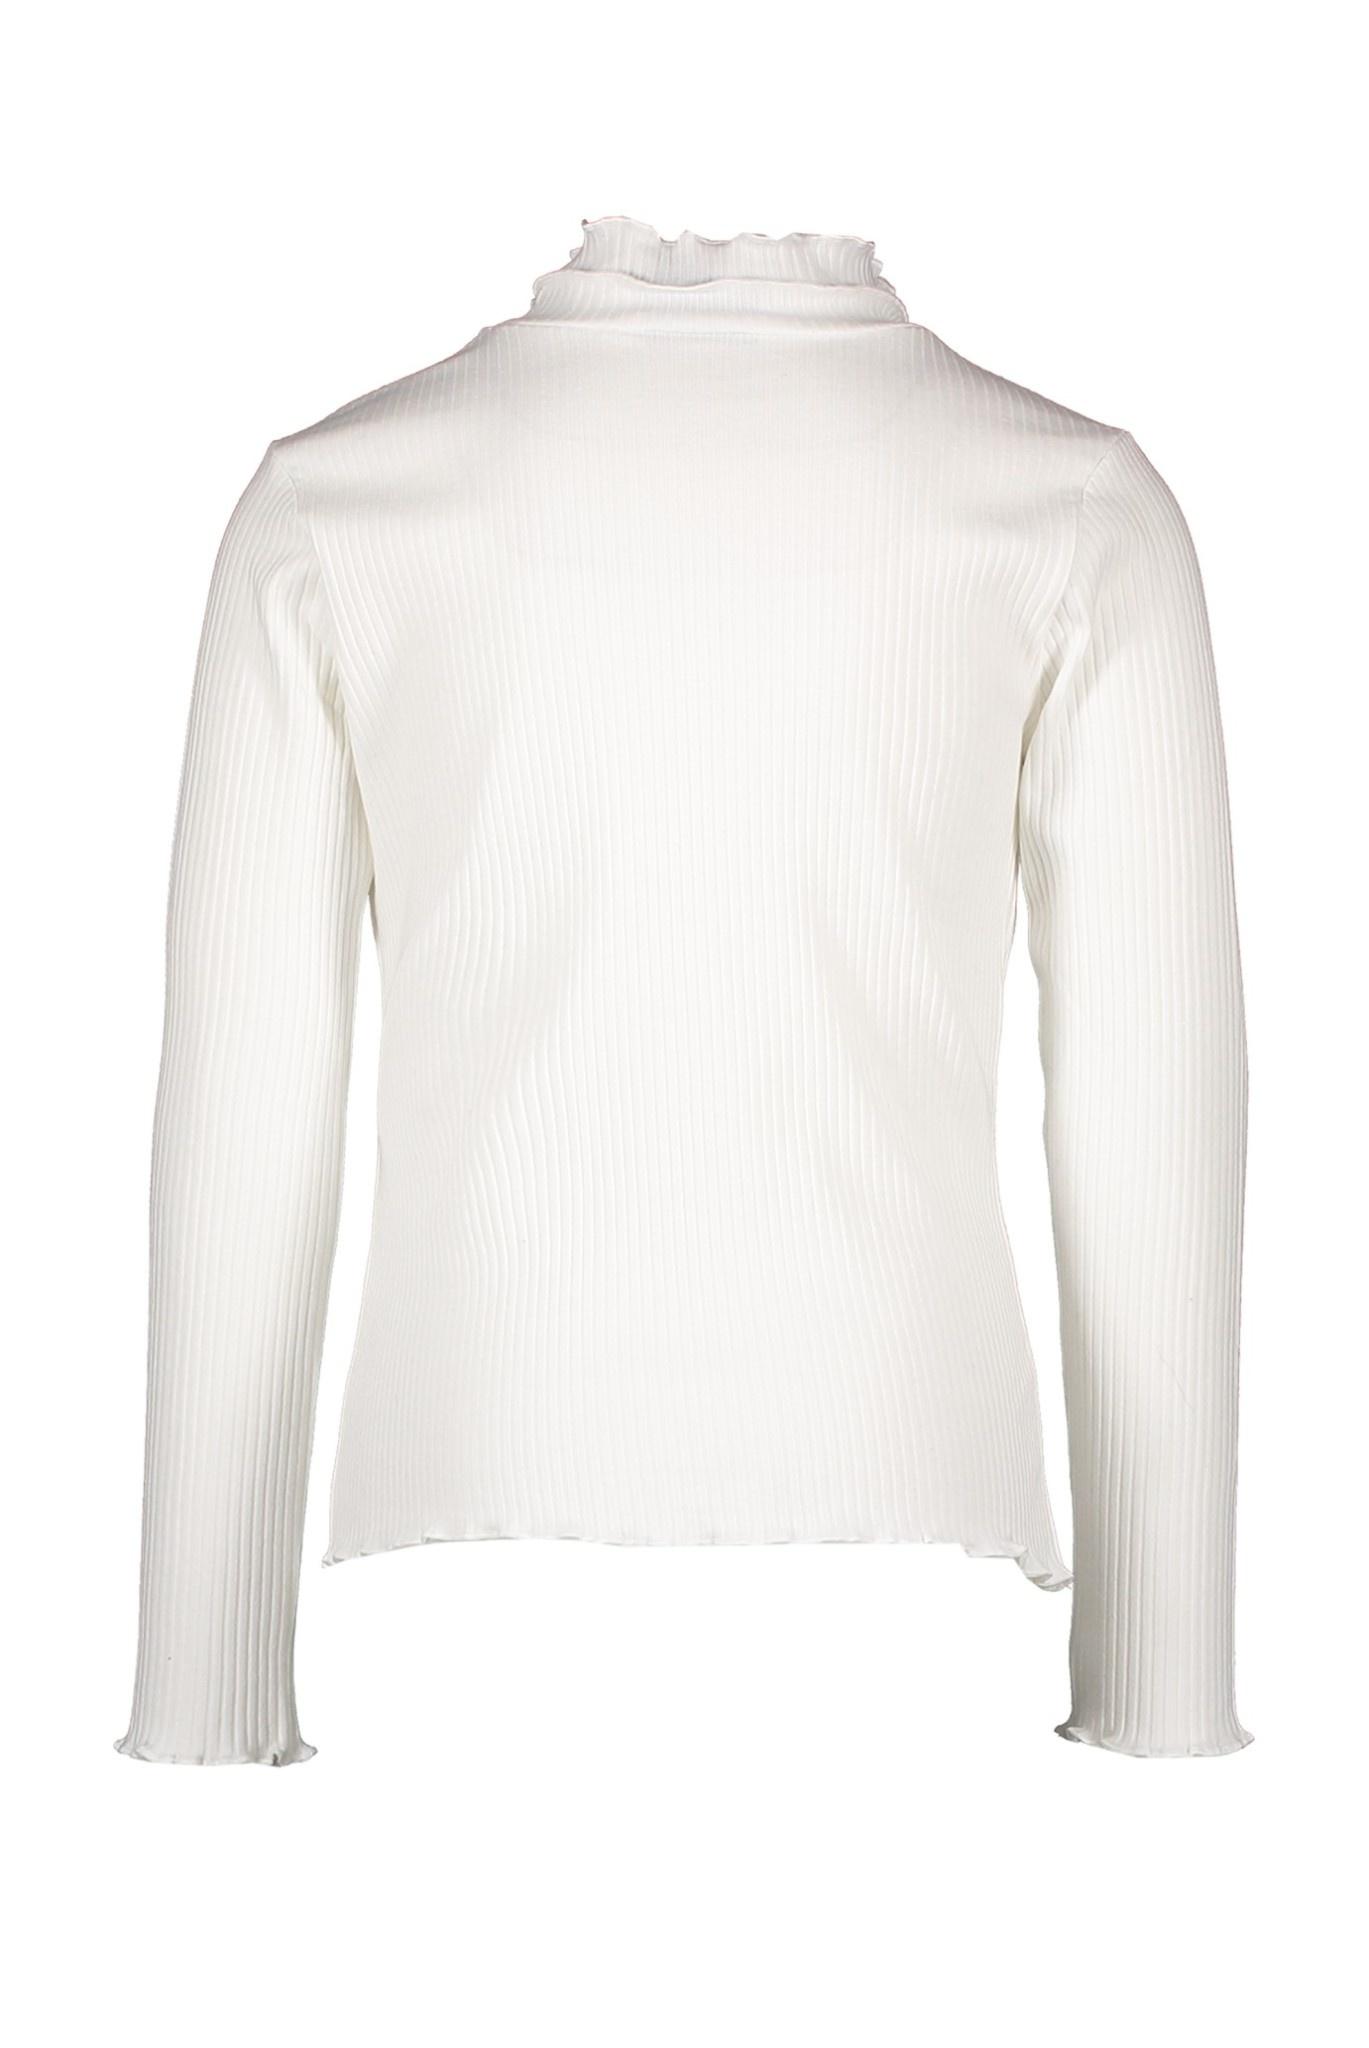 Nola Rib Turtleneck Top - Off White